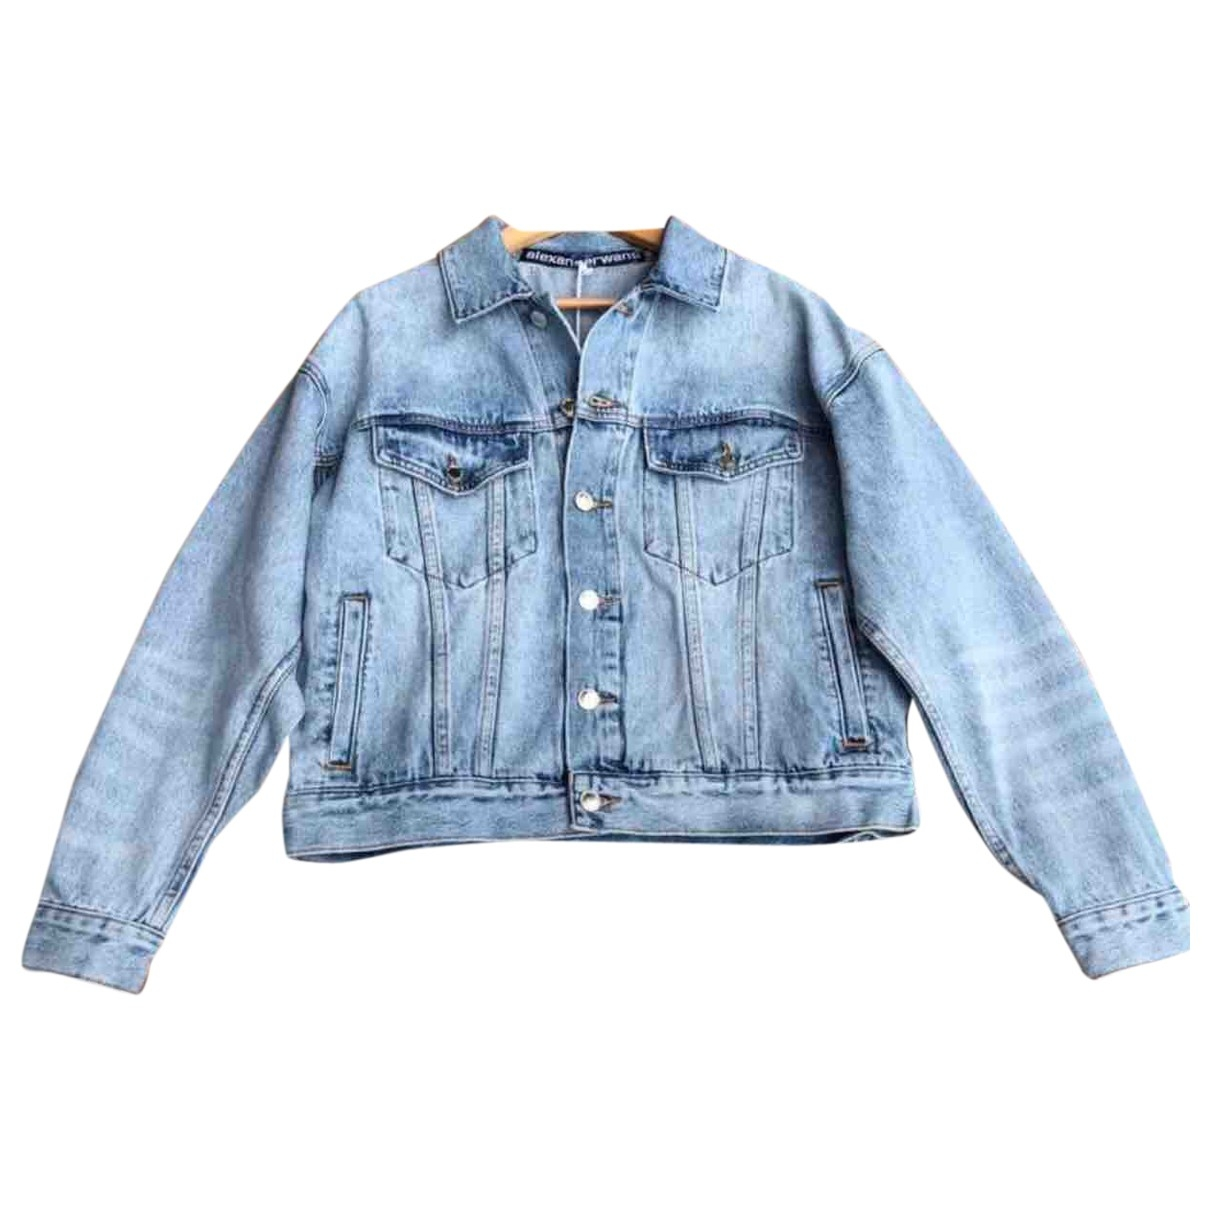 Alexander Wang \N Blue Cotton jacket for Women XS International